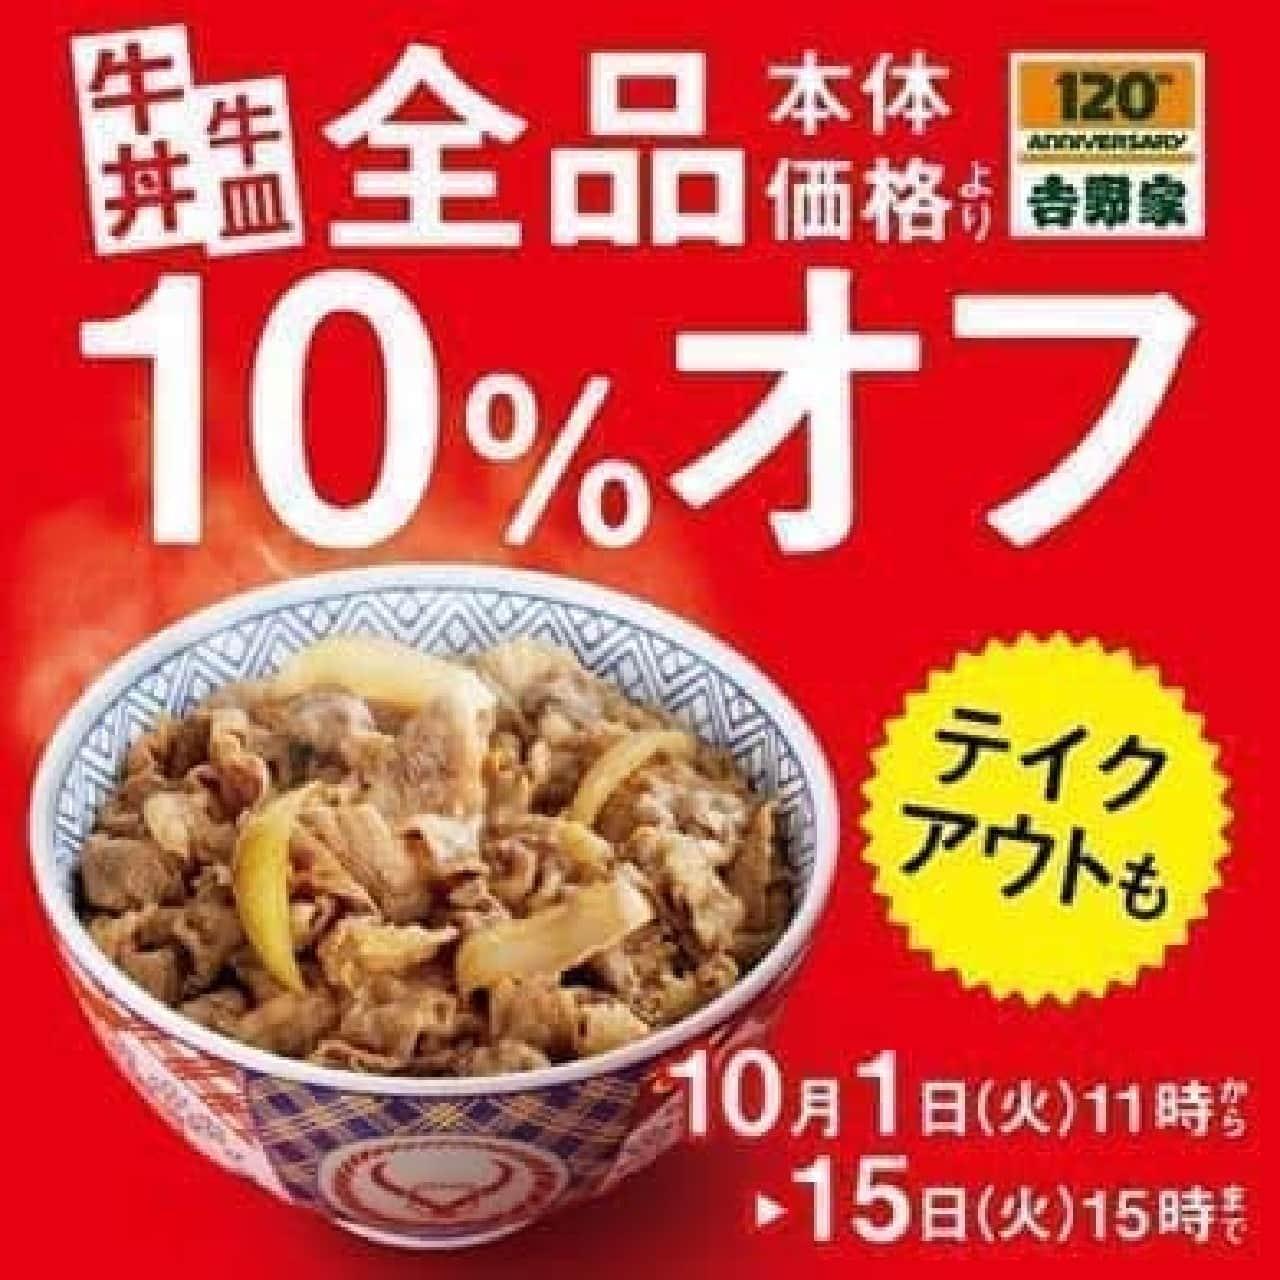 吉野家で「牛丼・牛皿全品 10%オフキャンペーン」